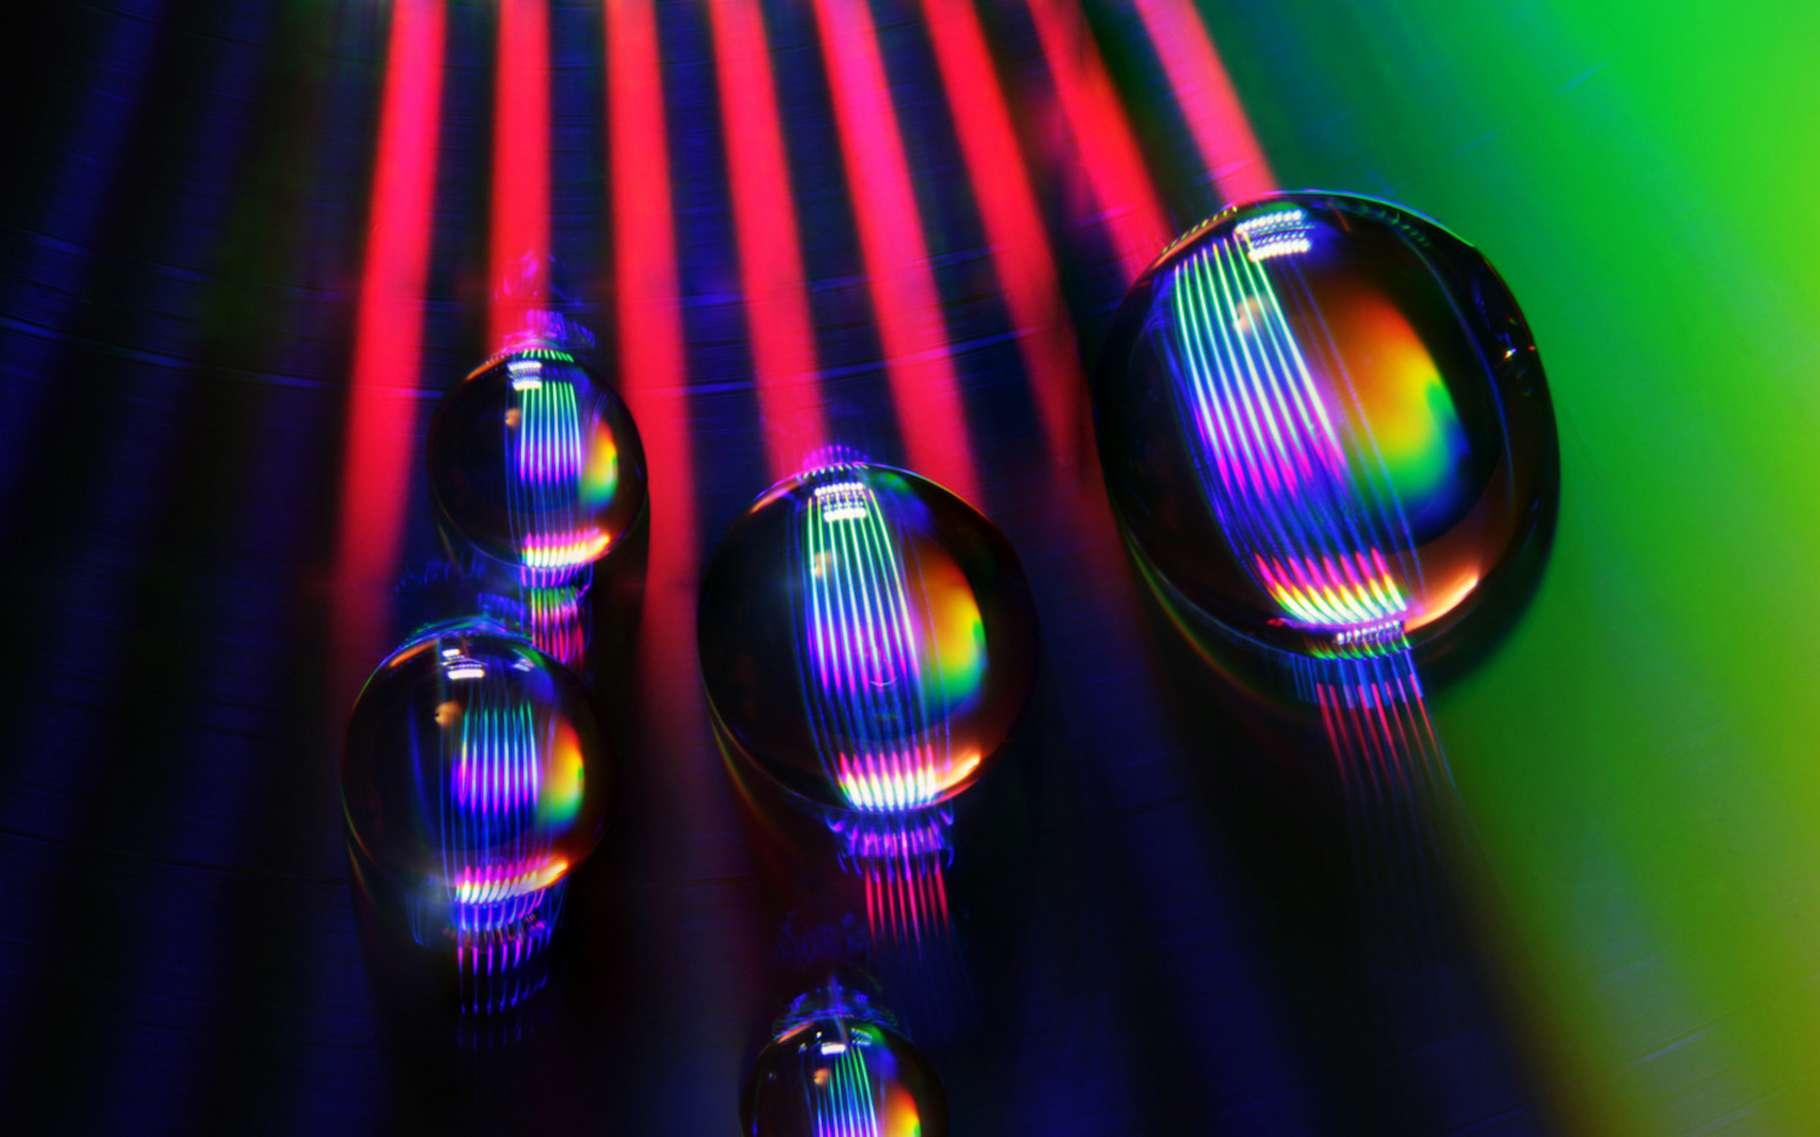 L'intérêt du laser sonique inventé par les chercheurs de Rochester est qu'il opère à une échelle mésoscopique comme celle des gouttelettes de liquide ou des petits organismes biologiques. © Photo Tom, Fotolia